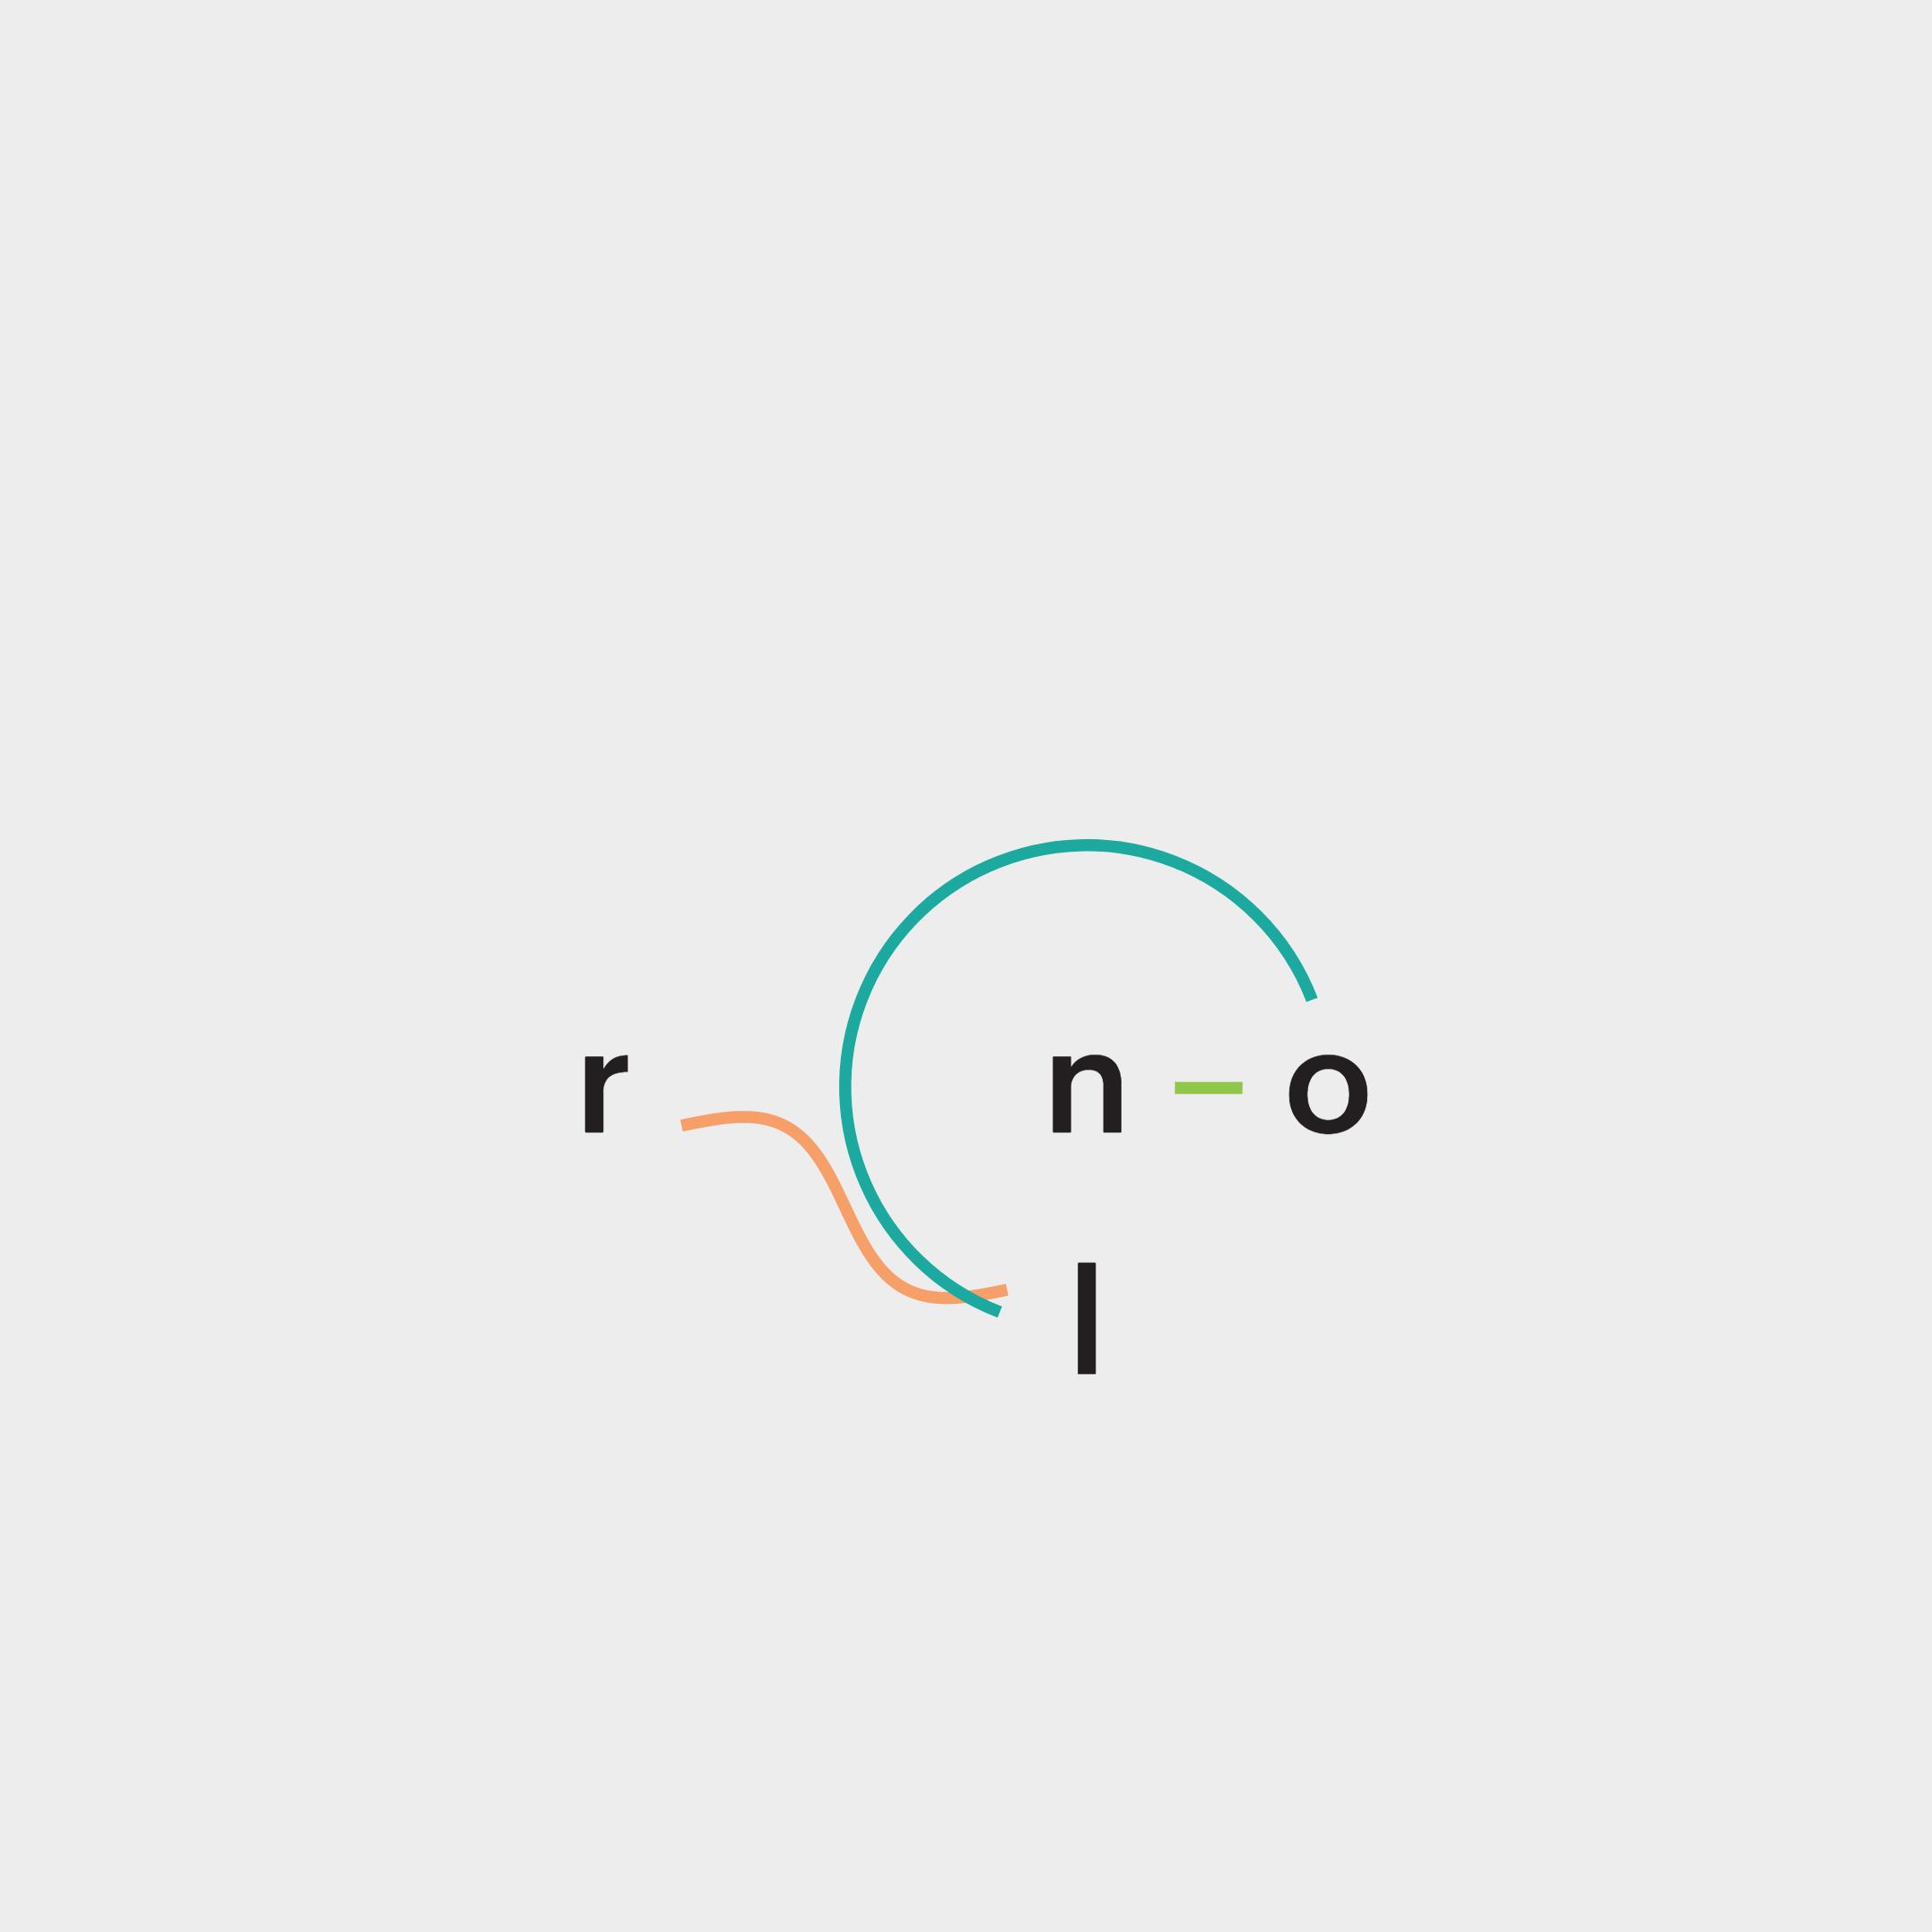 rlon_logo_101844.png